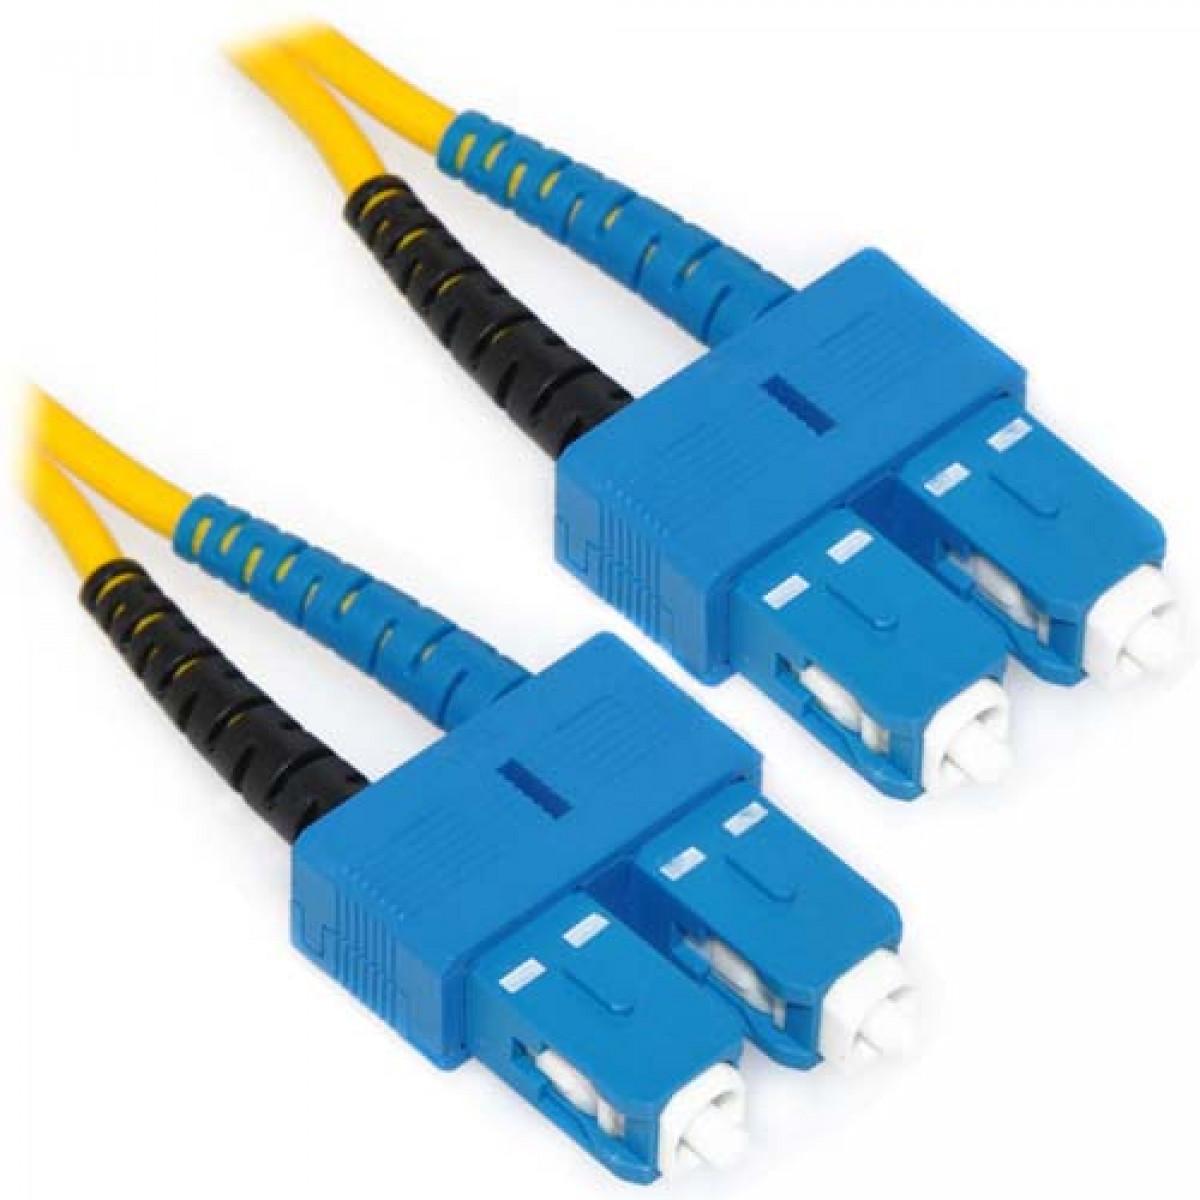 60m Sc Sc Duplex 9 125 Single Mode Fiber Patch Cable Yellow